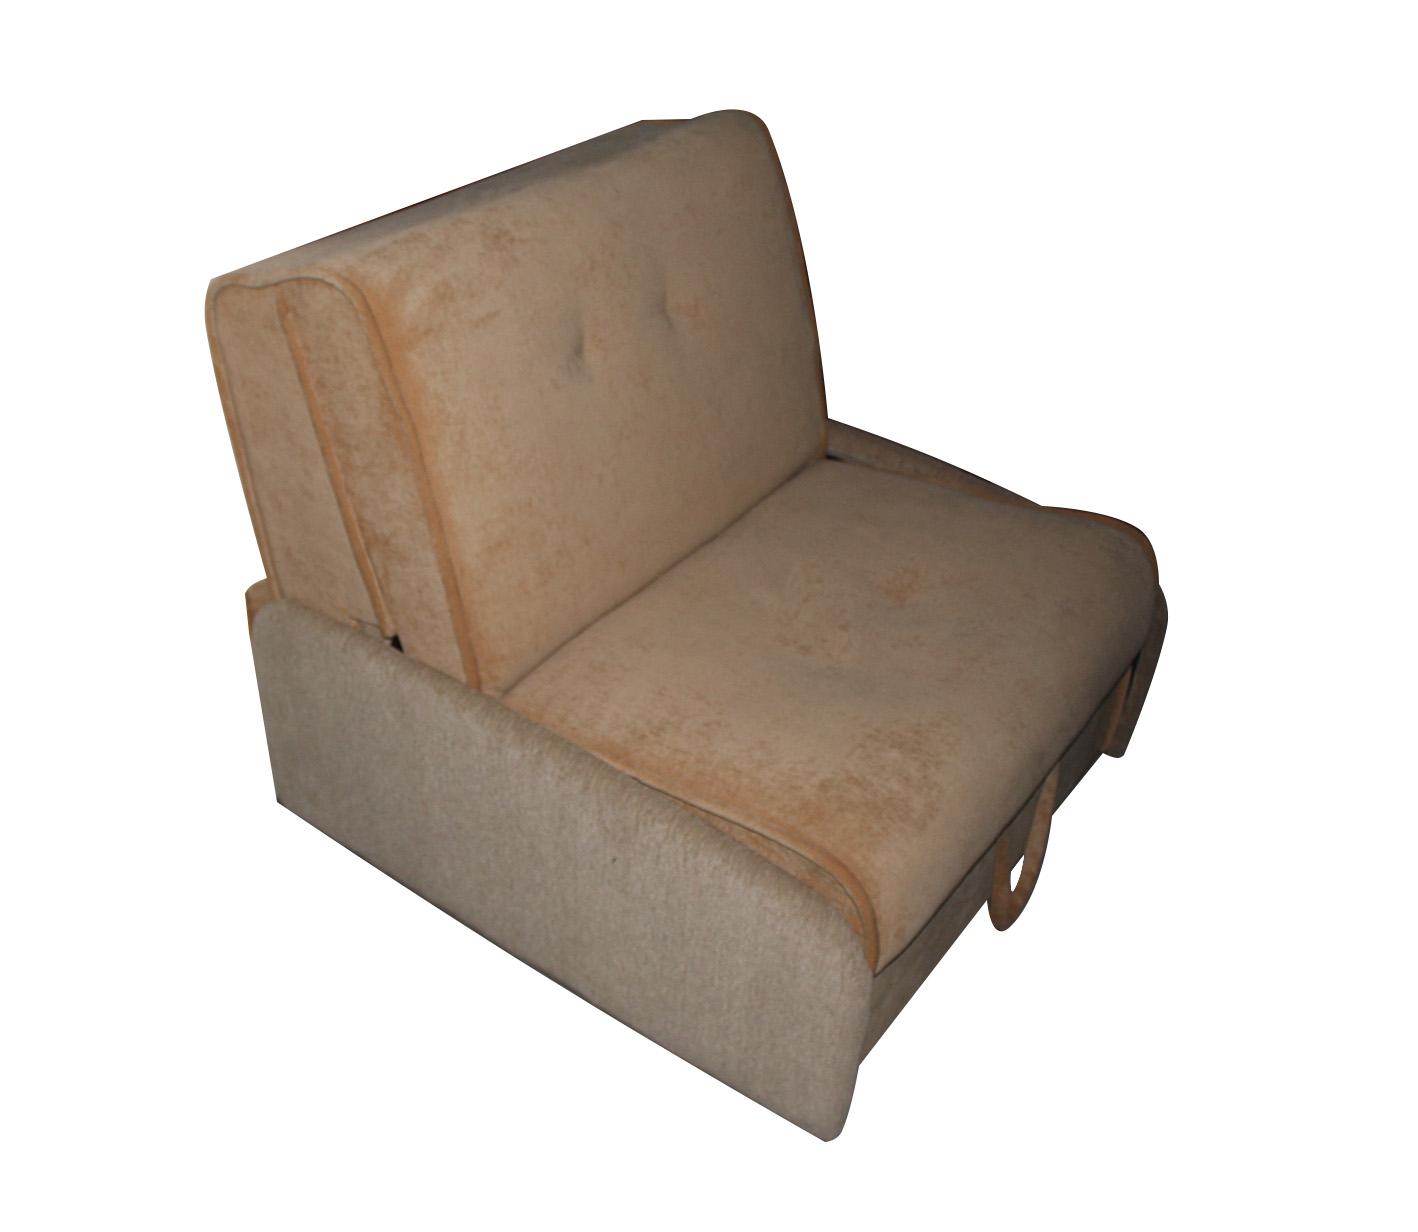 Кресло-кровать/мини диван Глобус 90-Акция